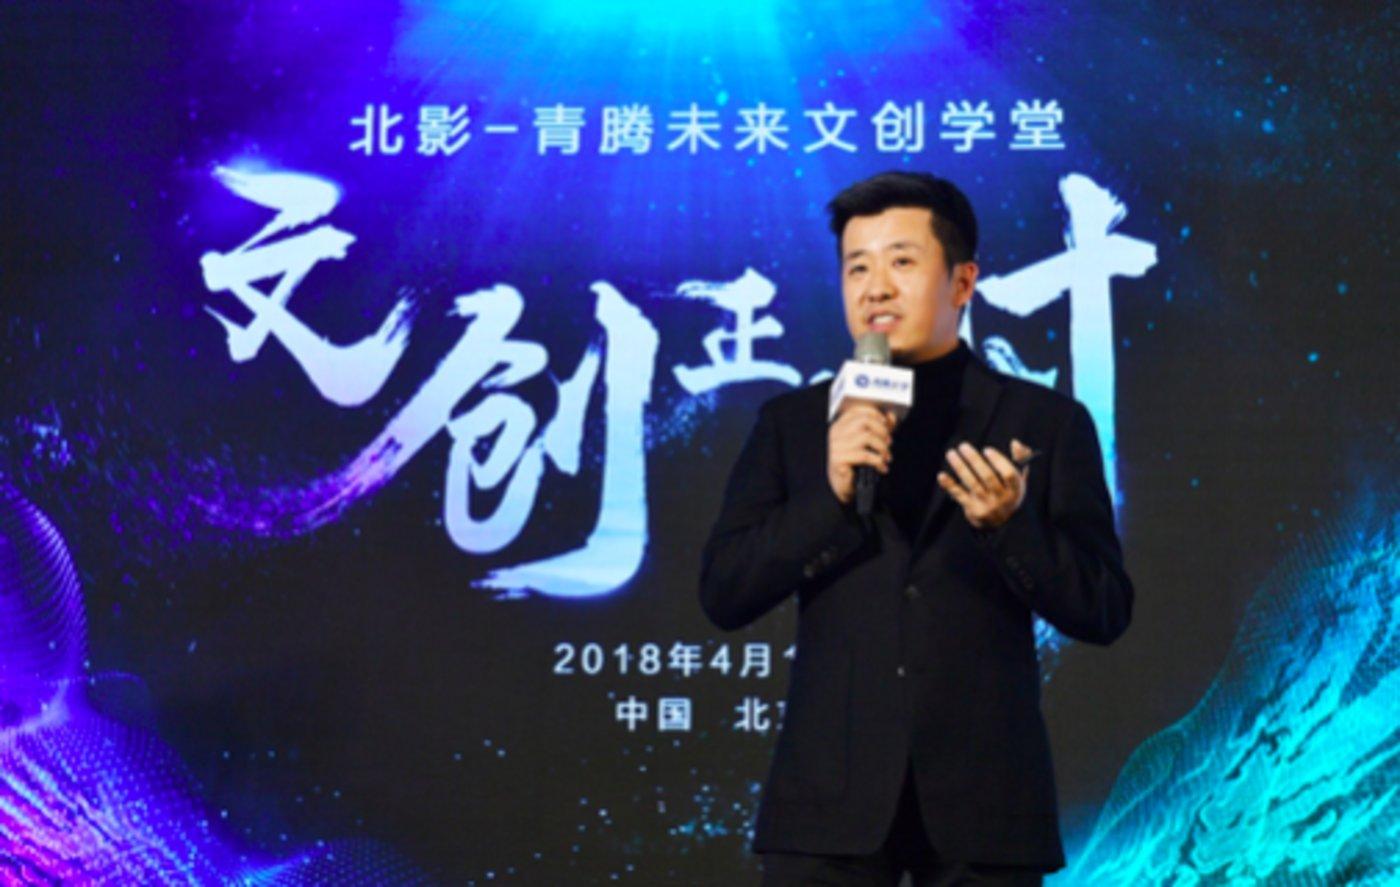 腾讯副总裁林松涛